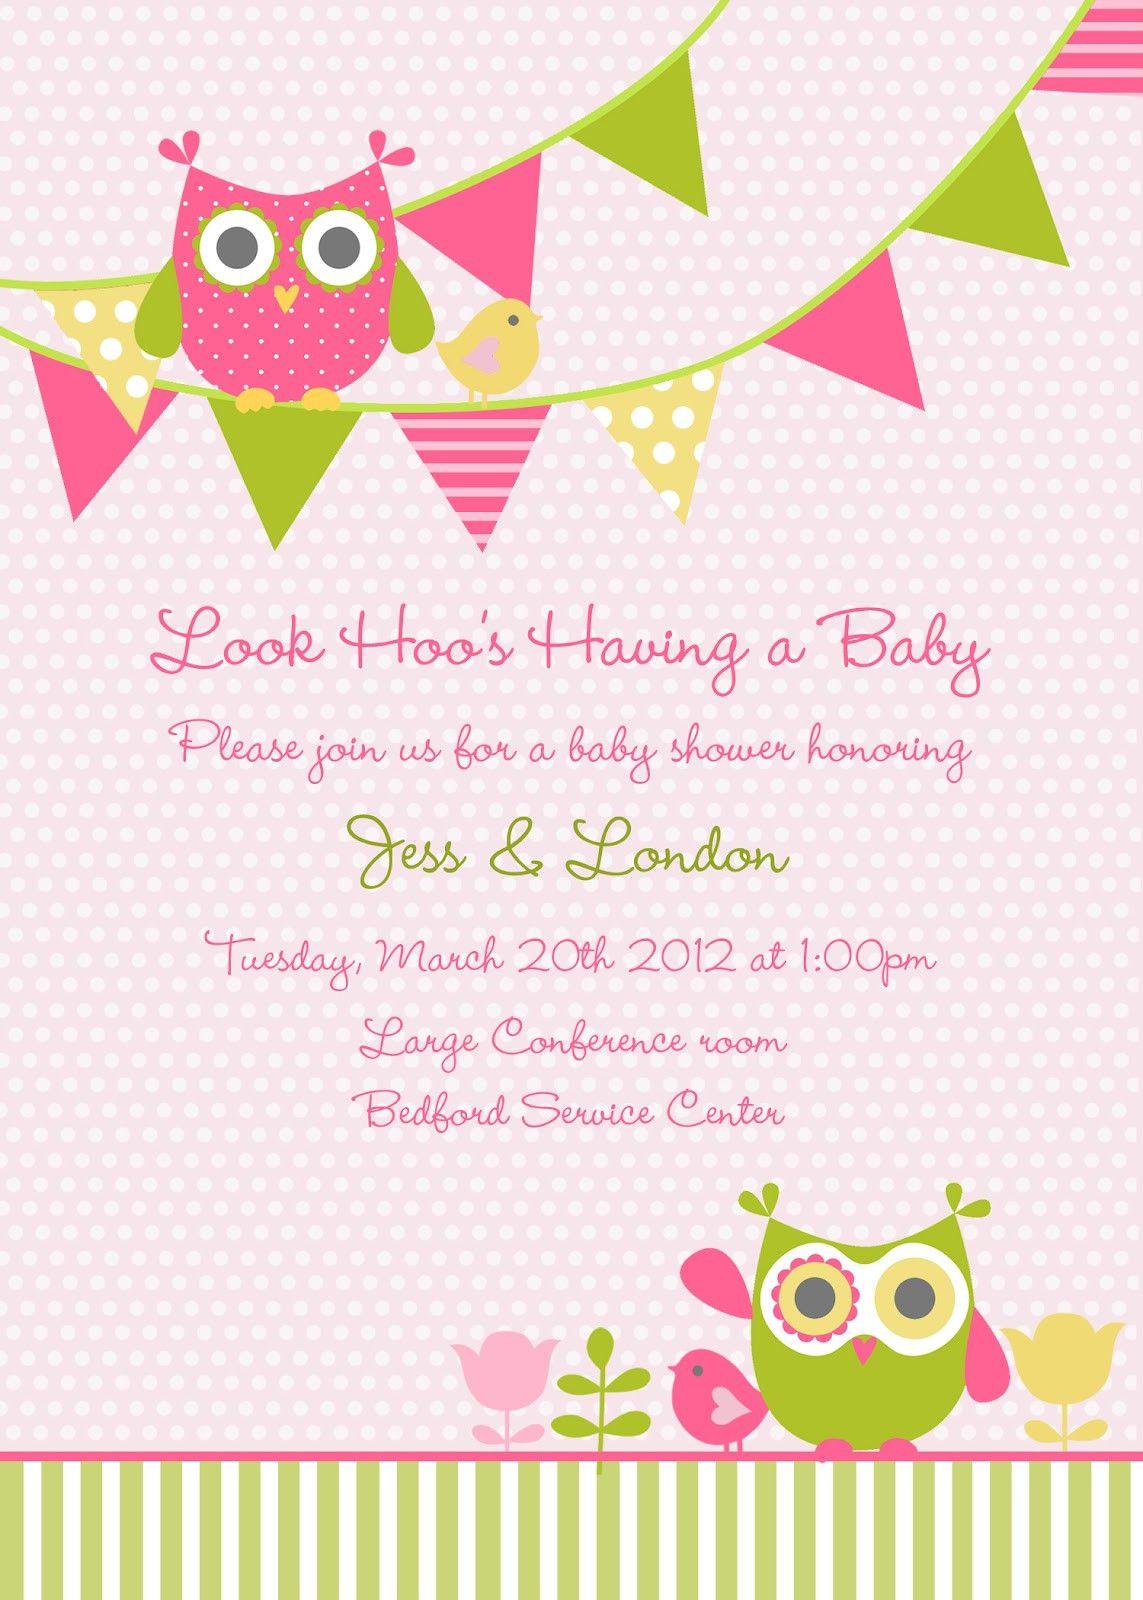 Baby Shower Potluck : shower, potluck, Potluck, Party, Invitations, Wording, Invitations,, Shower, Invite, Template